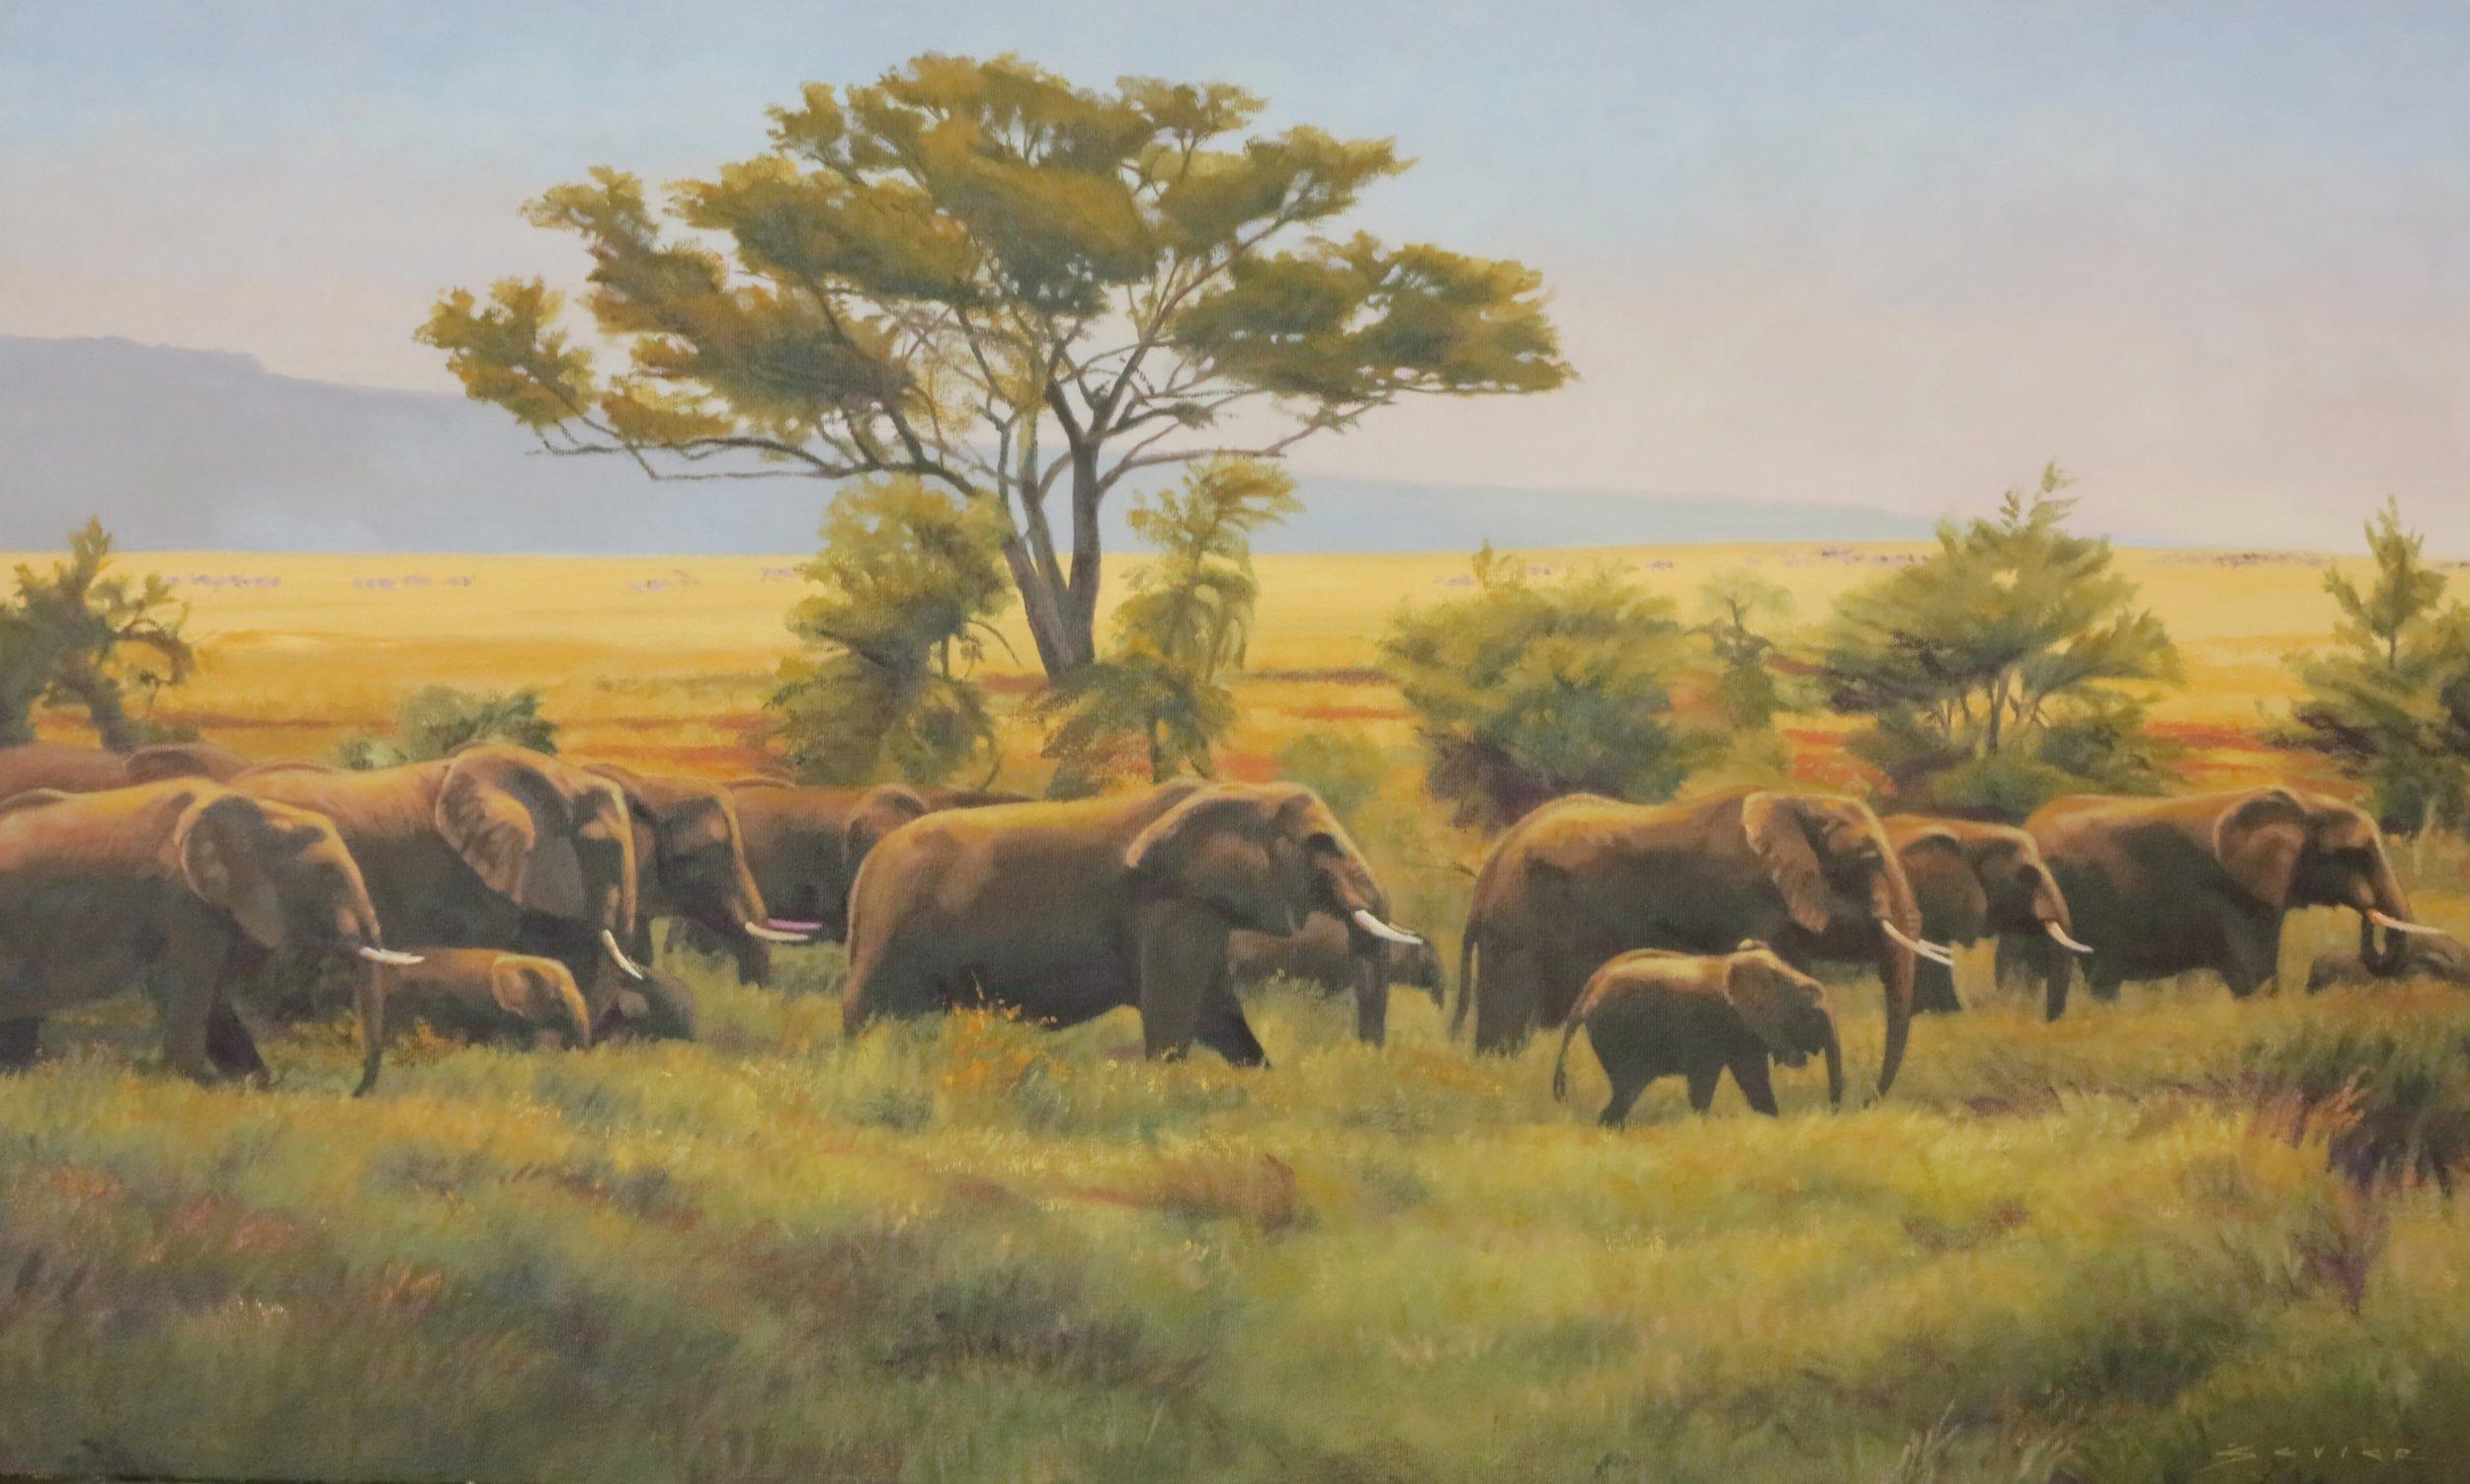 Elephants of the Serengeti/Tanzania, 18 x 30, oil